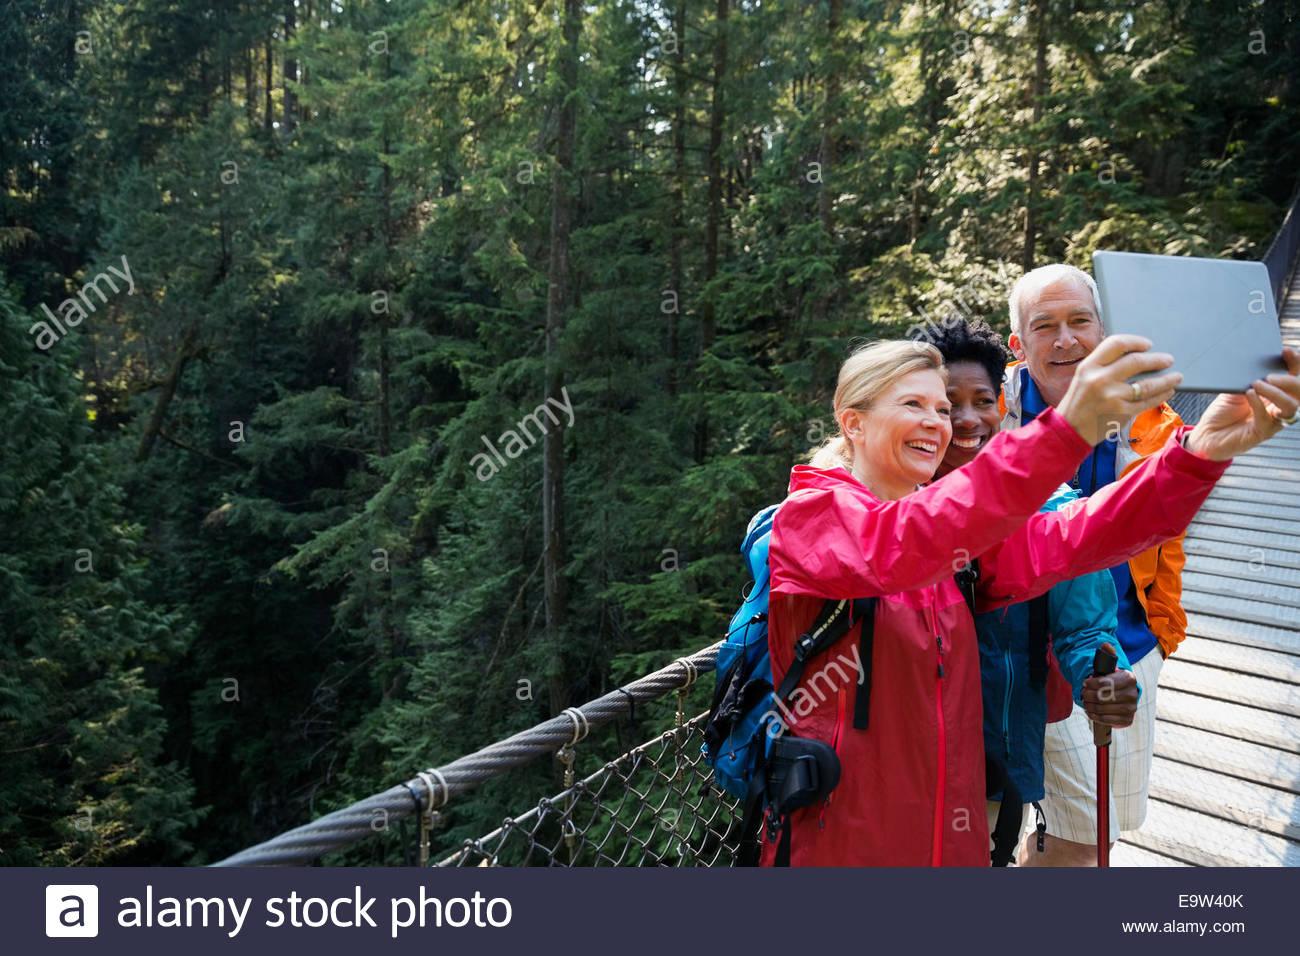 Friends taking selfie with digital tablet on footbridge - Stock Image